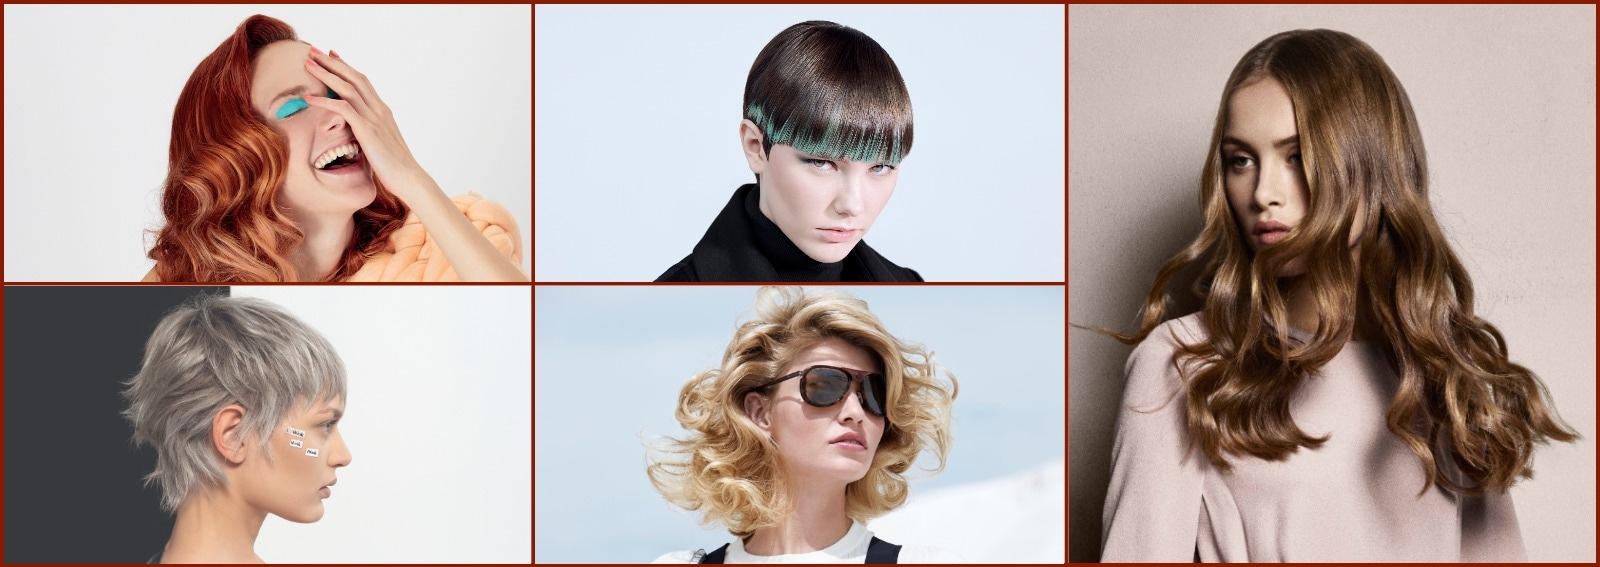 tendenze capelli saloni autunno inverno 2019 2020 cover desktop